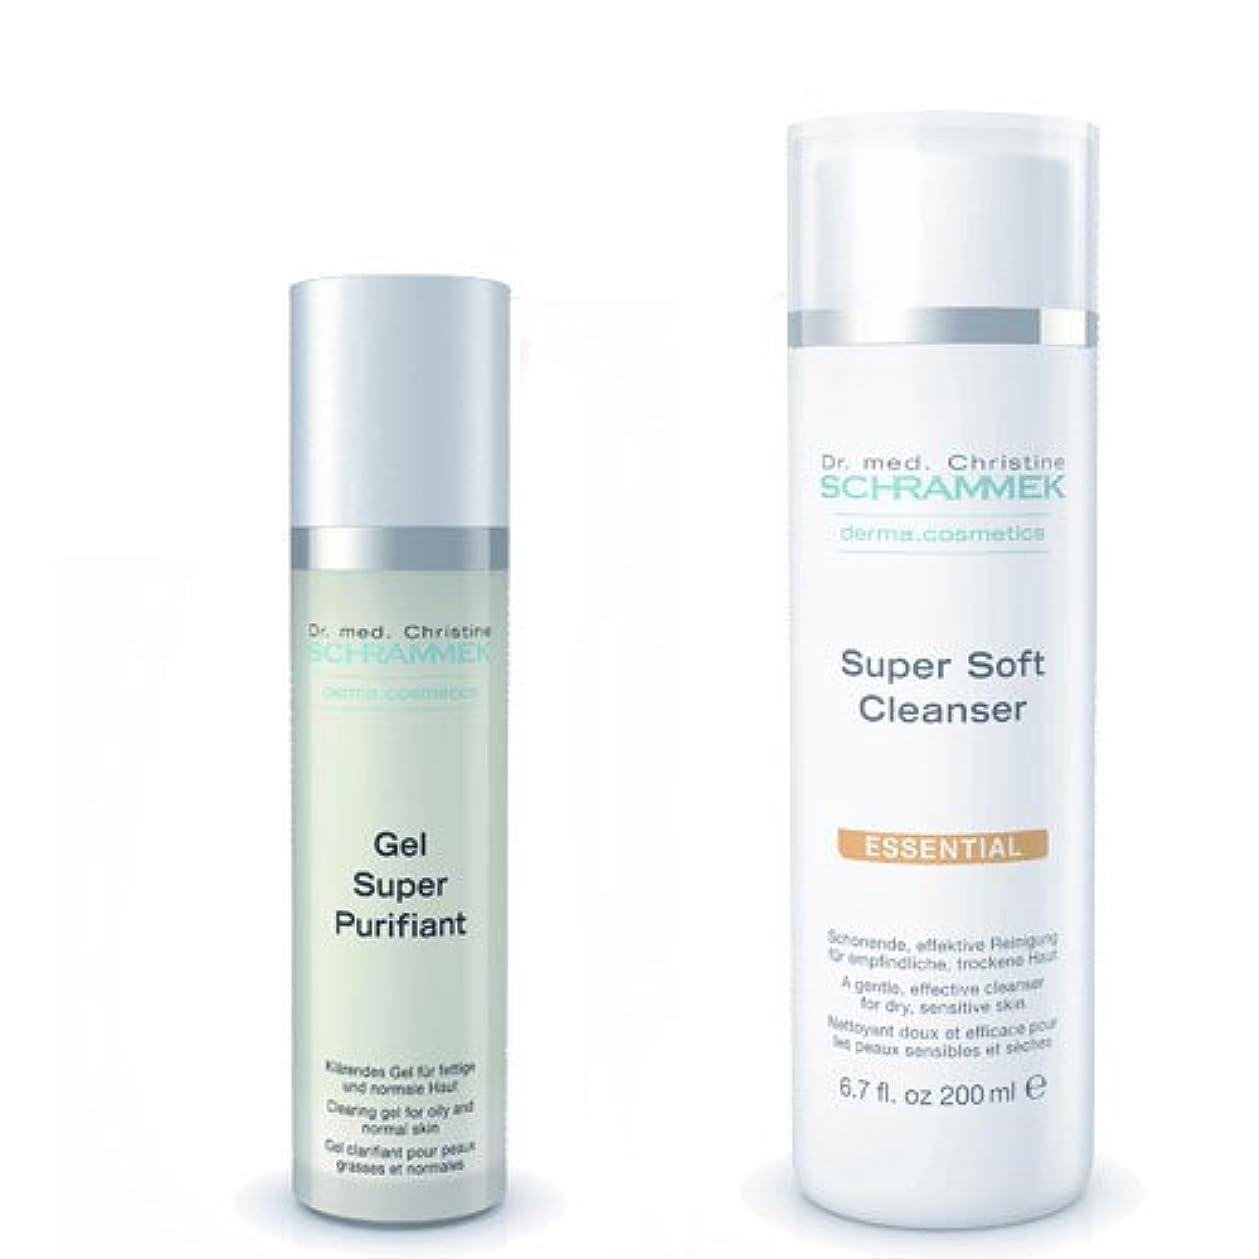 未来振り向く言い換えるとシュラメック 「GREEN PEEL 洗顔2点セット(ノーマル肌?敏感肌?乾燥肌用)」 スーパーソフトクレンザー&ジェルスーパーピュリフィアント